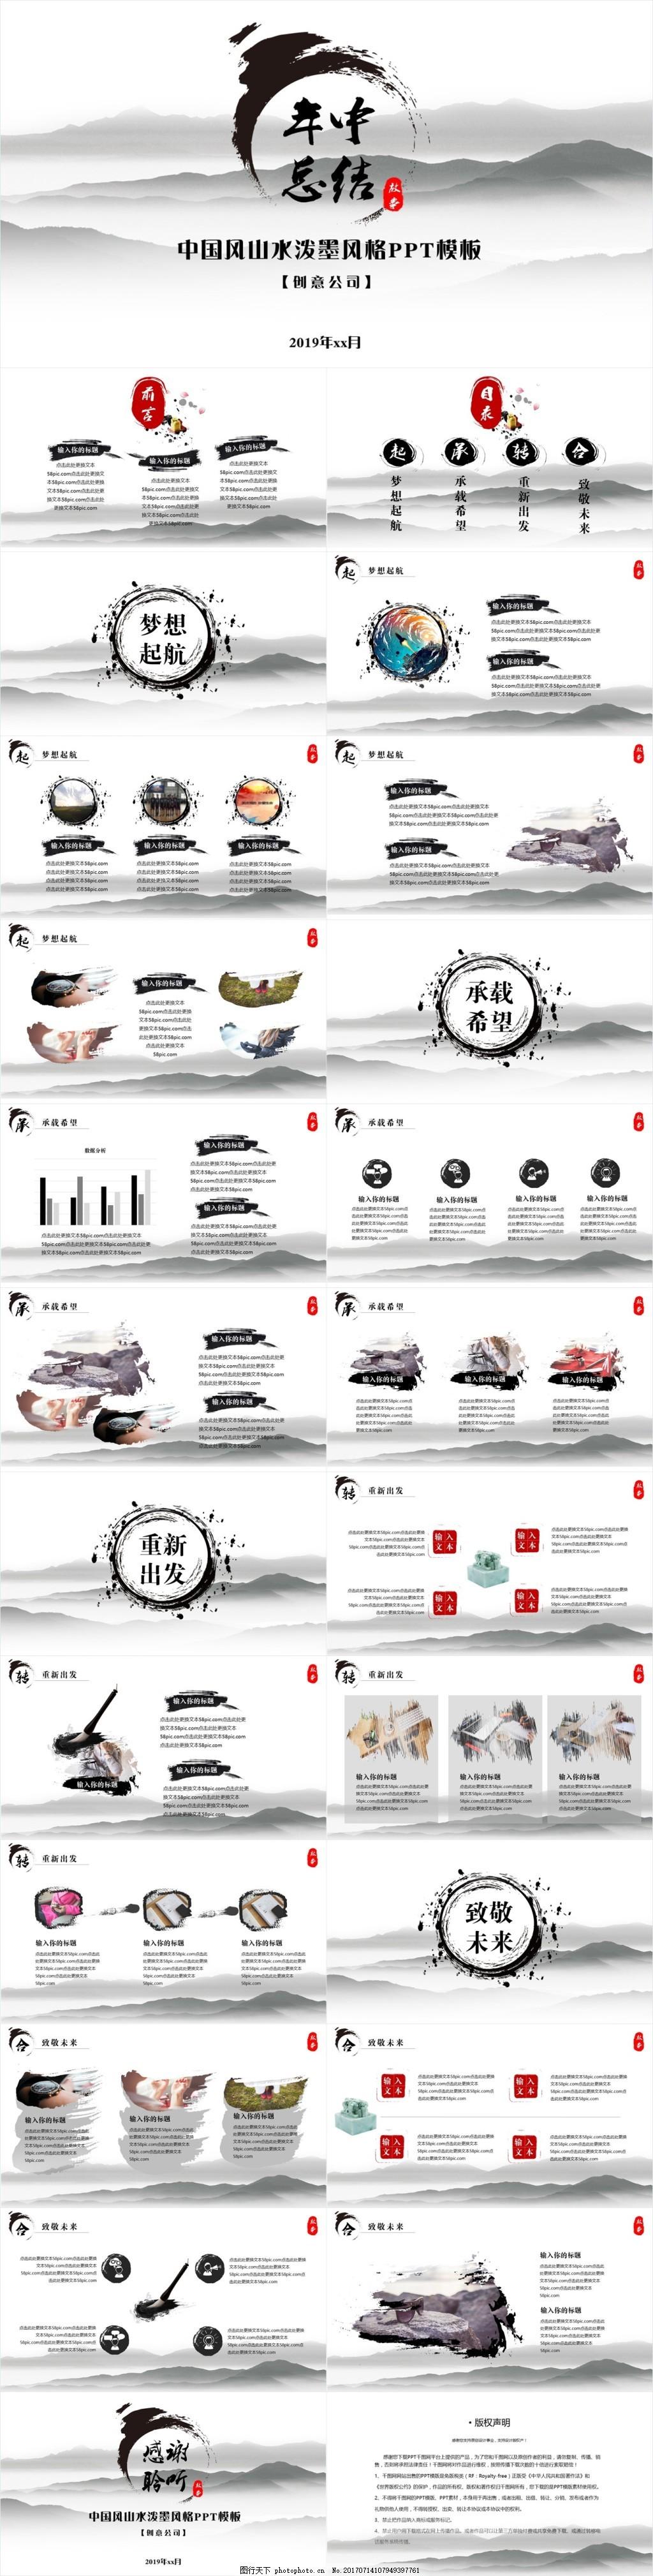 水墨中国风印章年中总结实用汇报PPT模板